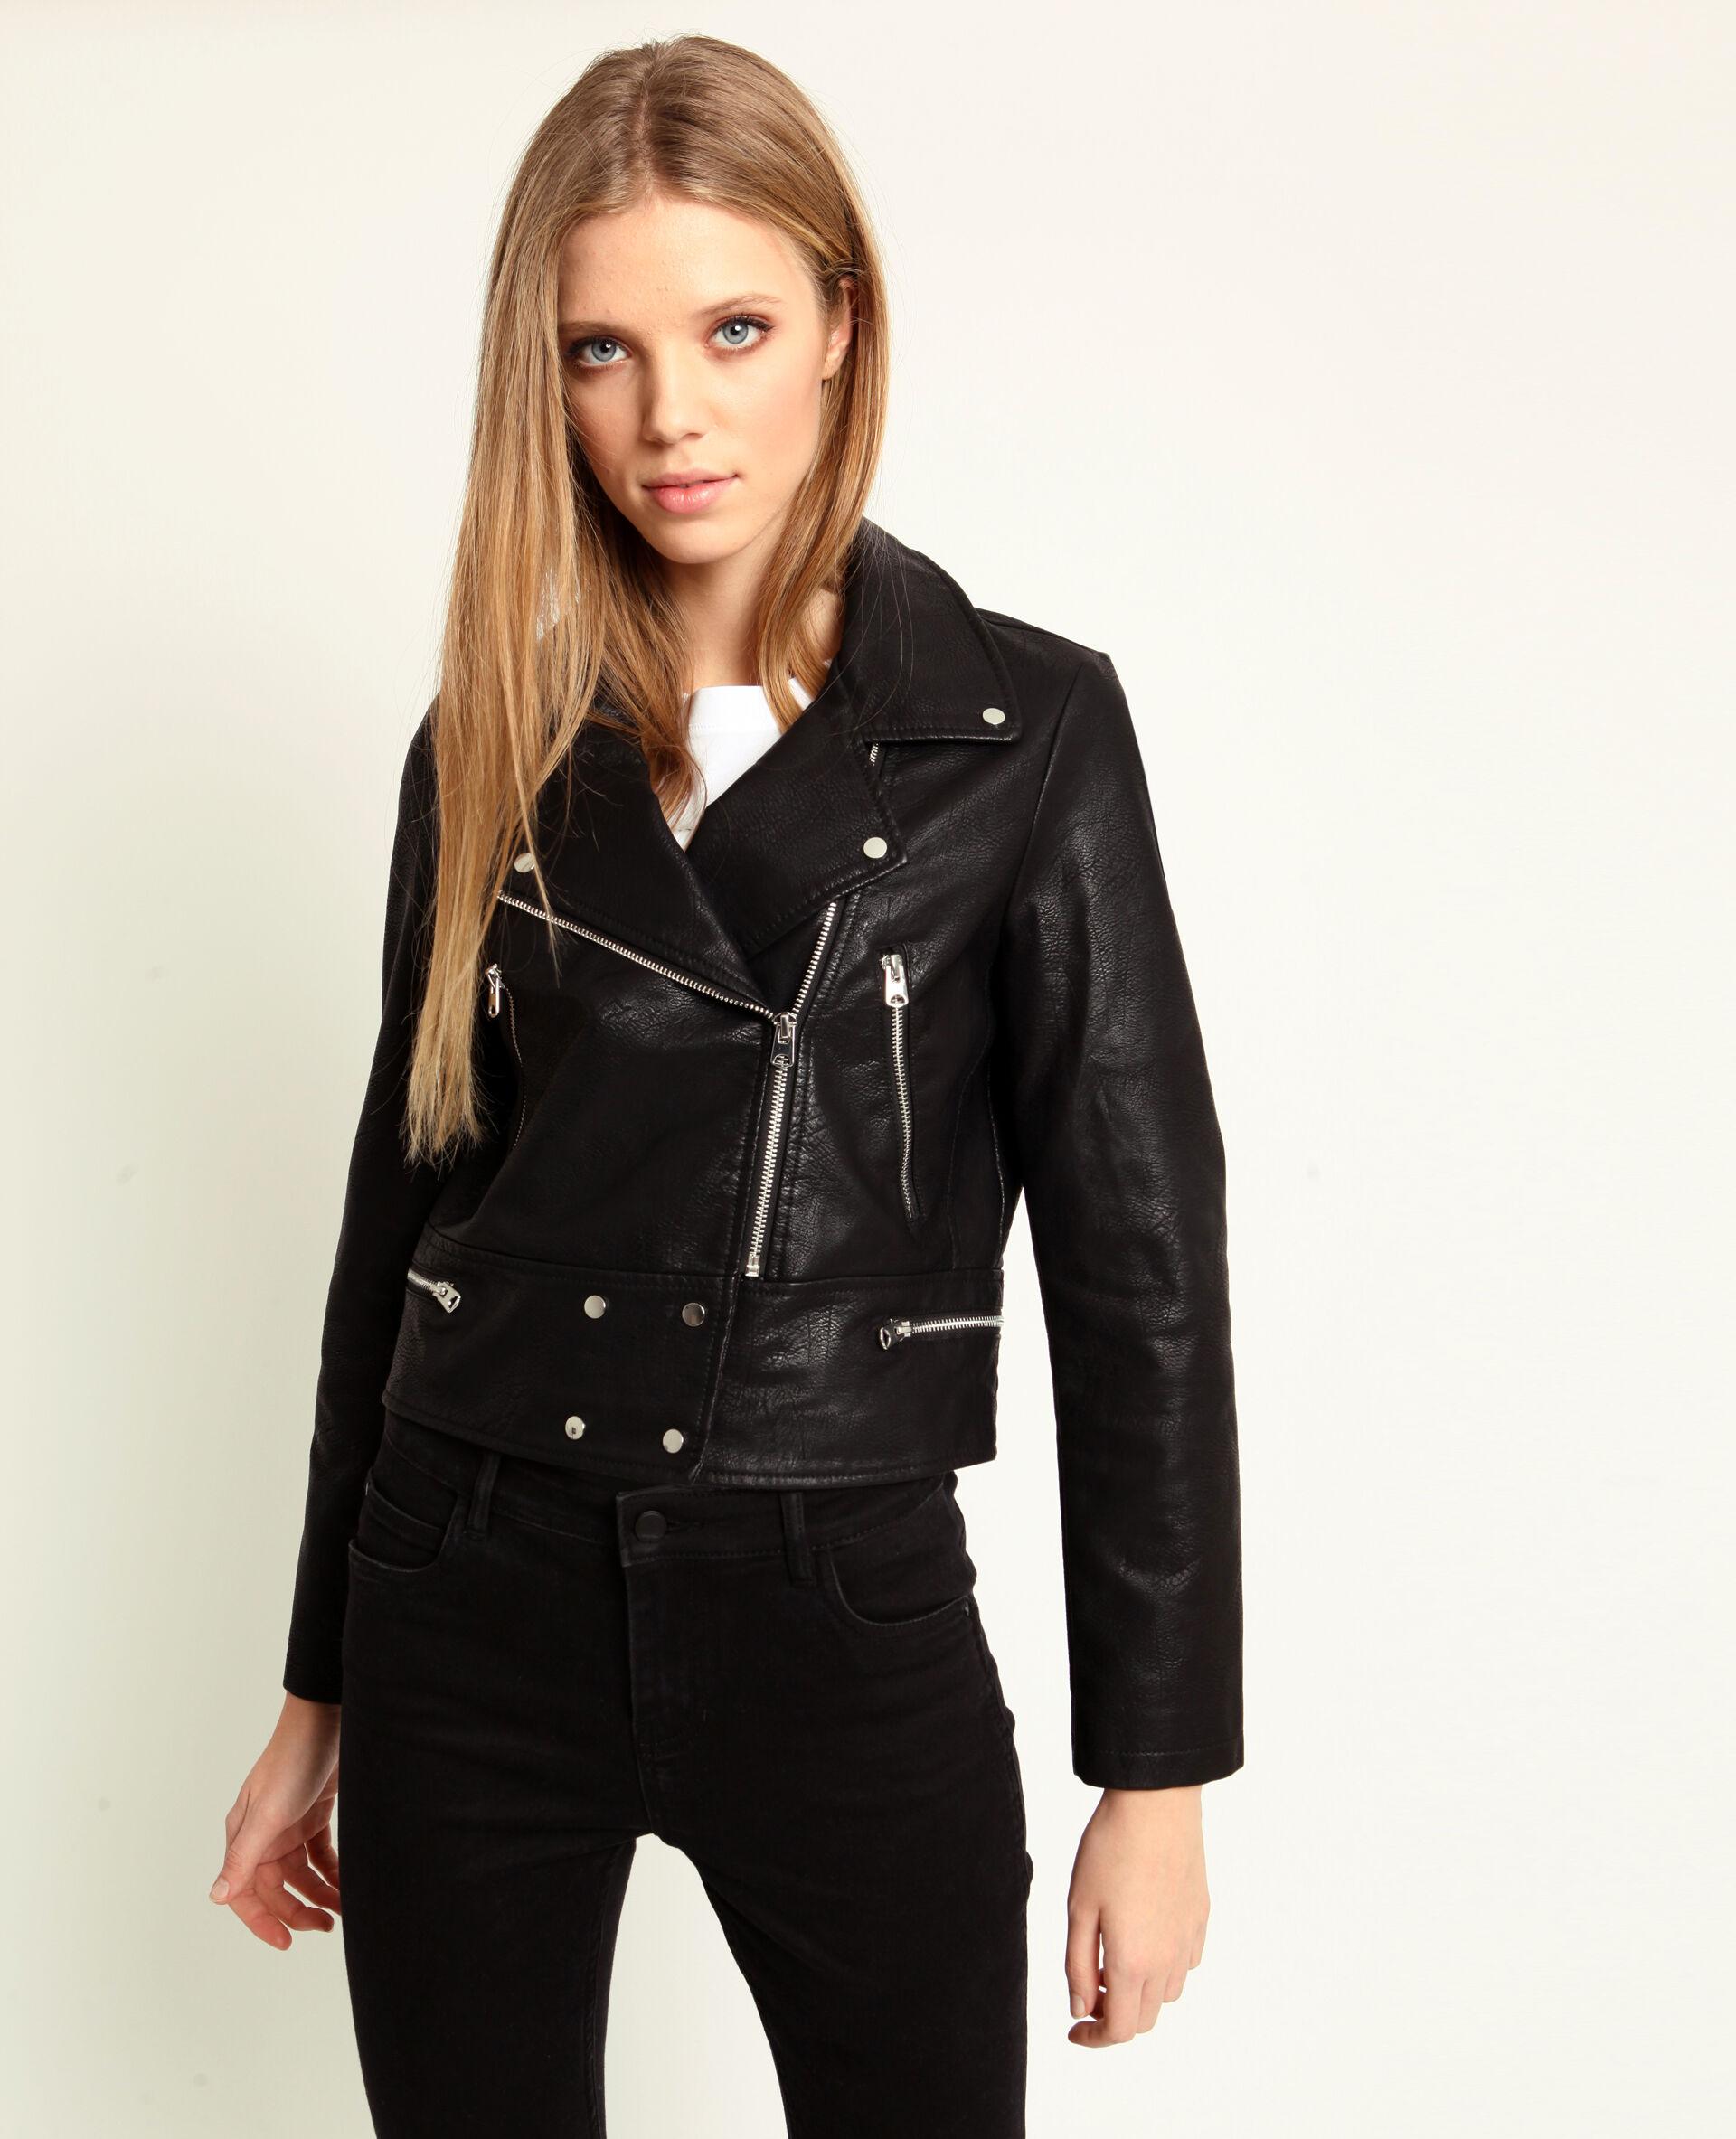 veste effet cuir marron femme mod les co teux de vestes. Black Bedroom Furniture Sets. Home Design Ideas